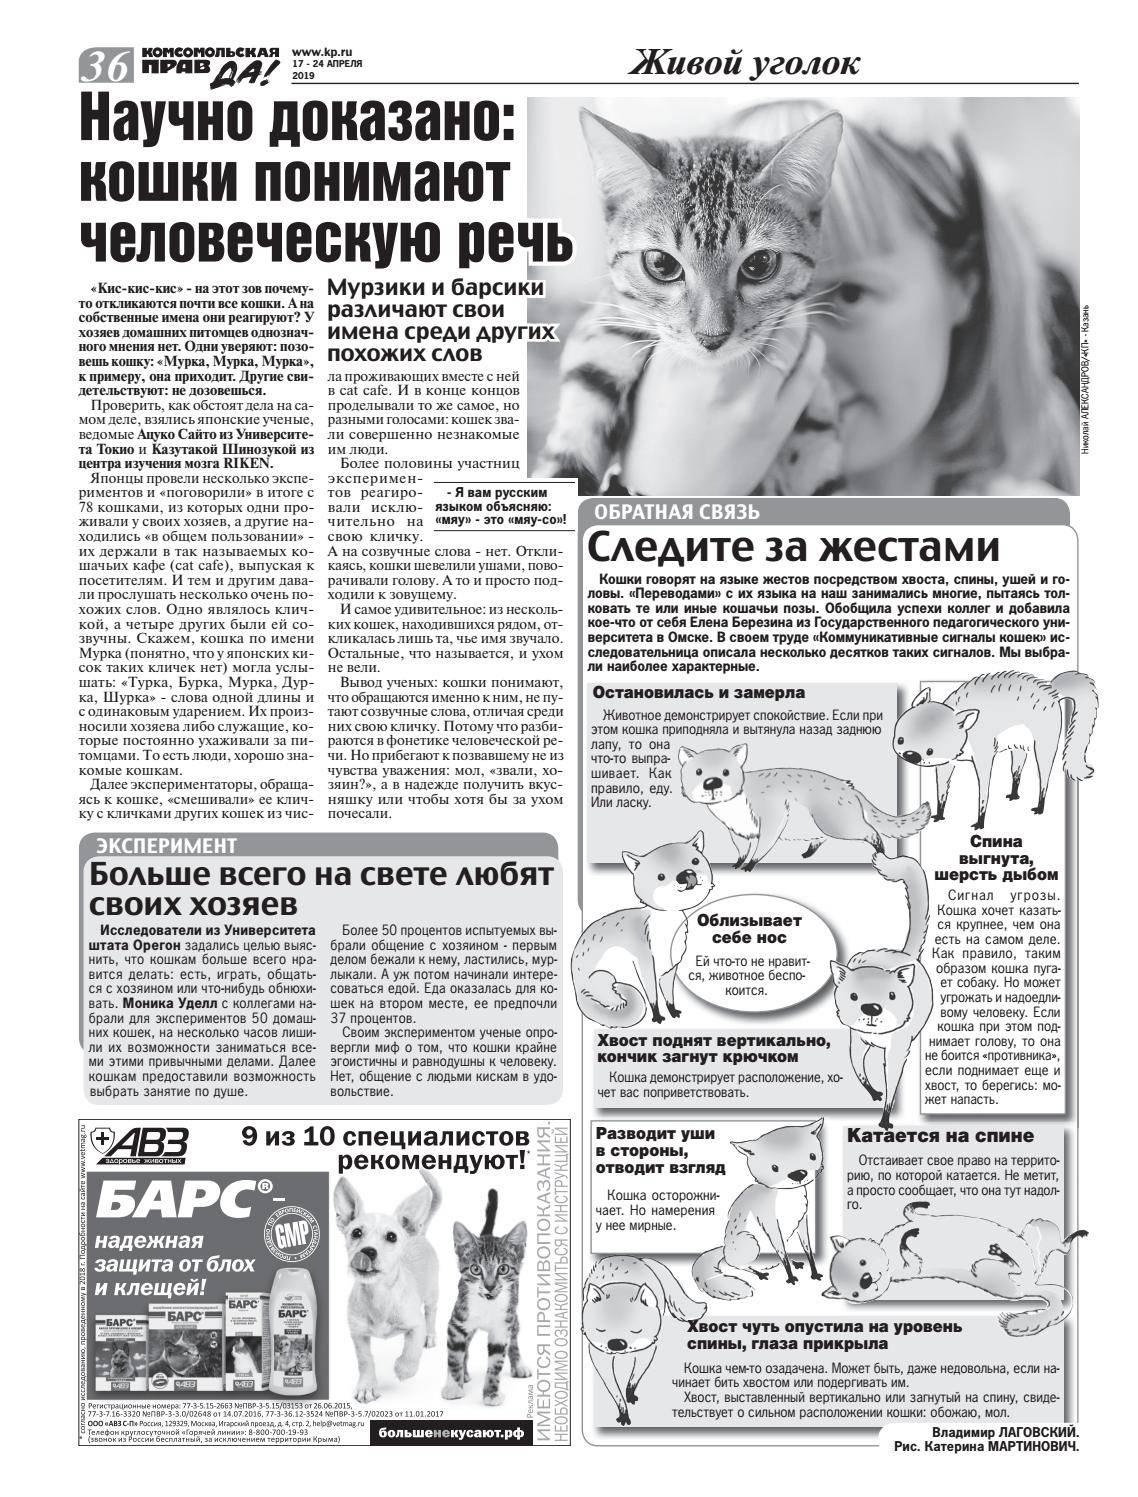 Понимают ли кошки человеческую речь: факты из экспериментов и наблюдений